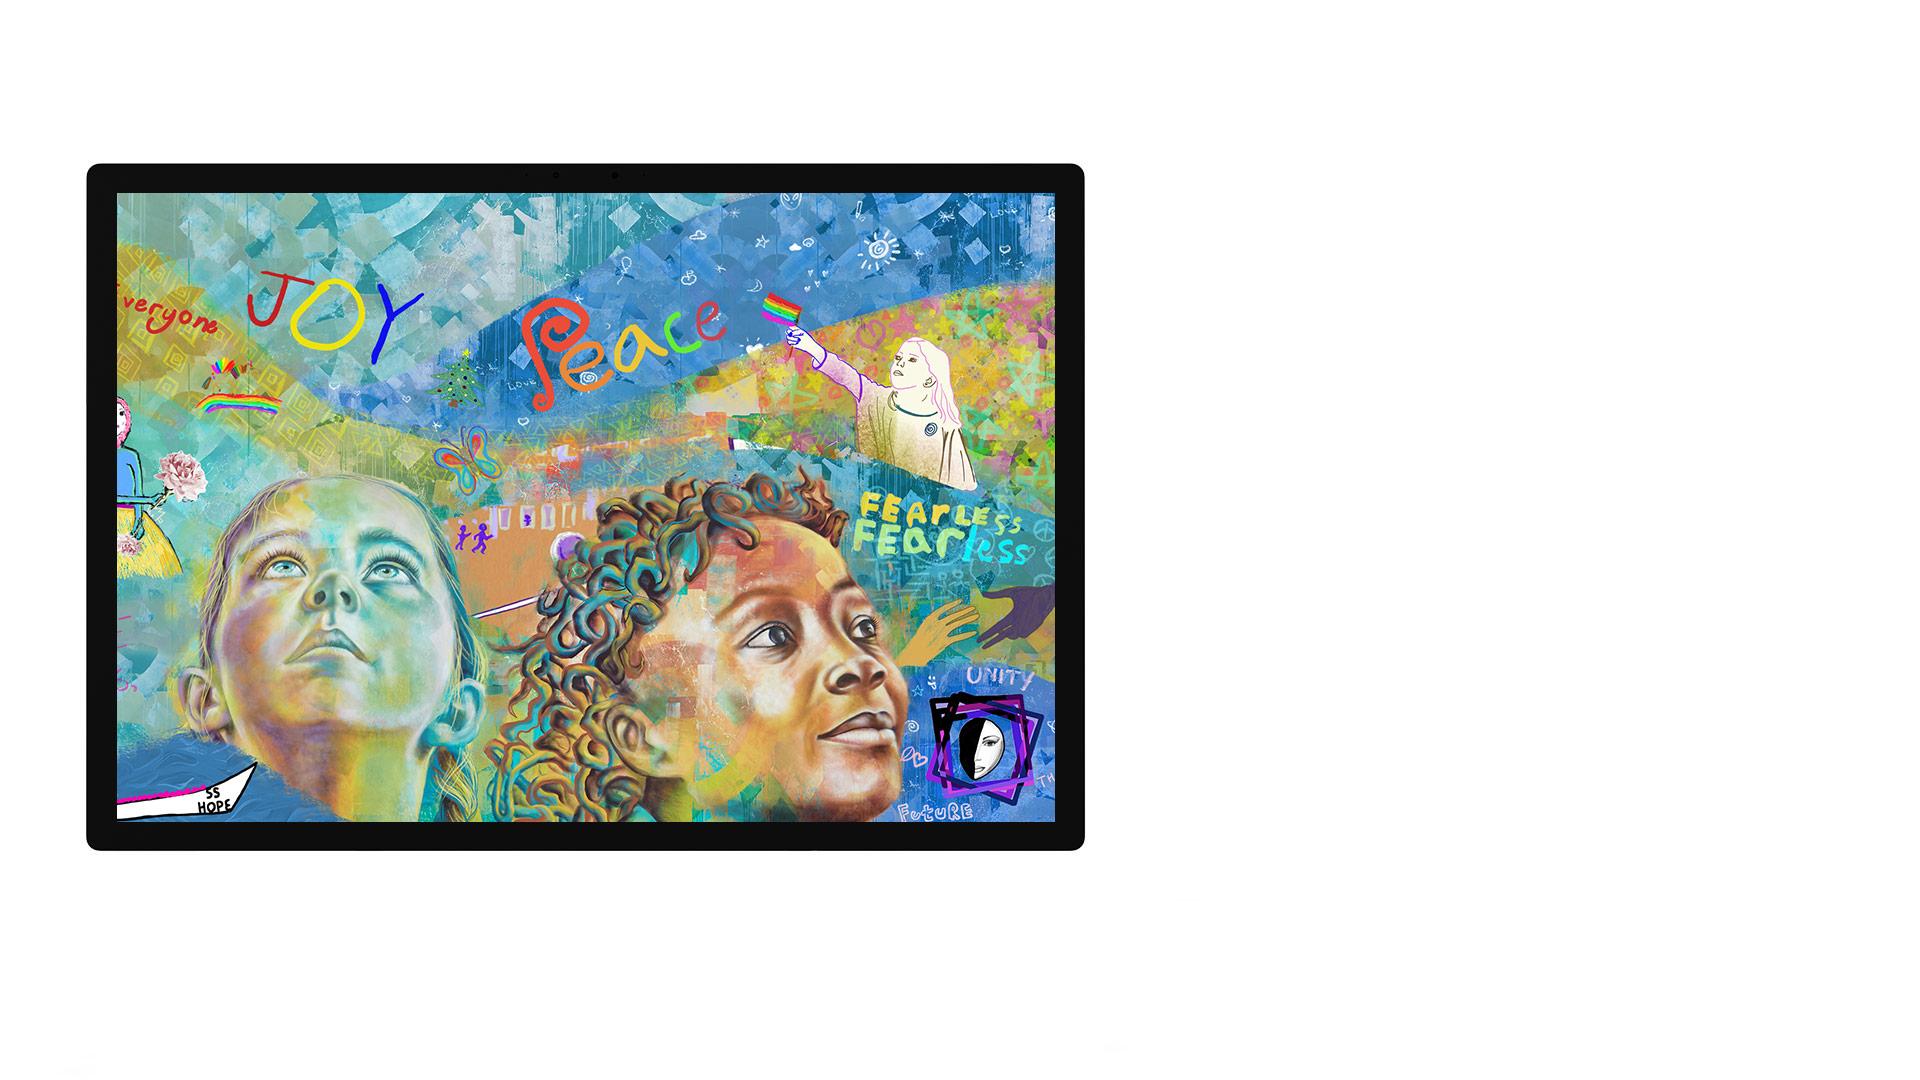 顯示相片應用程式 UI 的 Surface Studio 顯示器 - PixelSense™ 顯示器